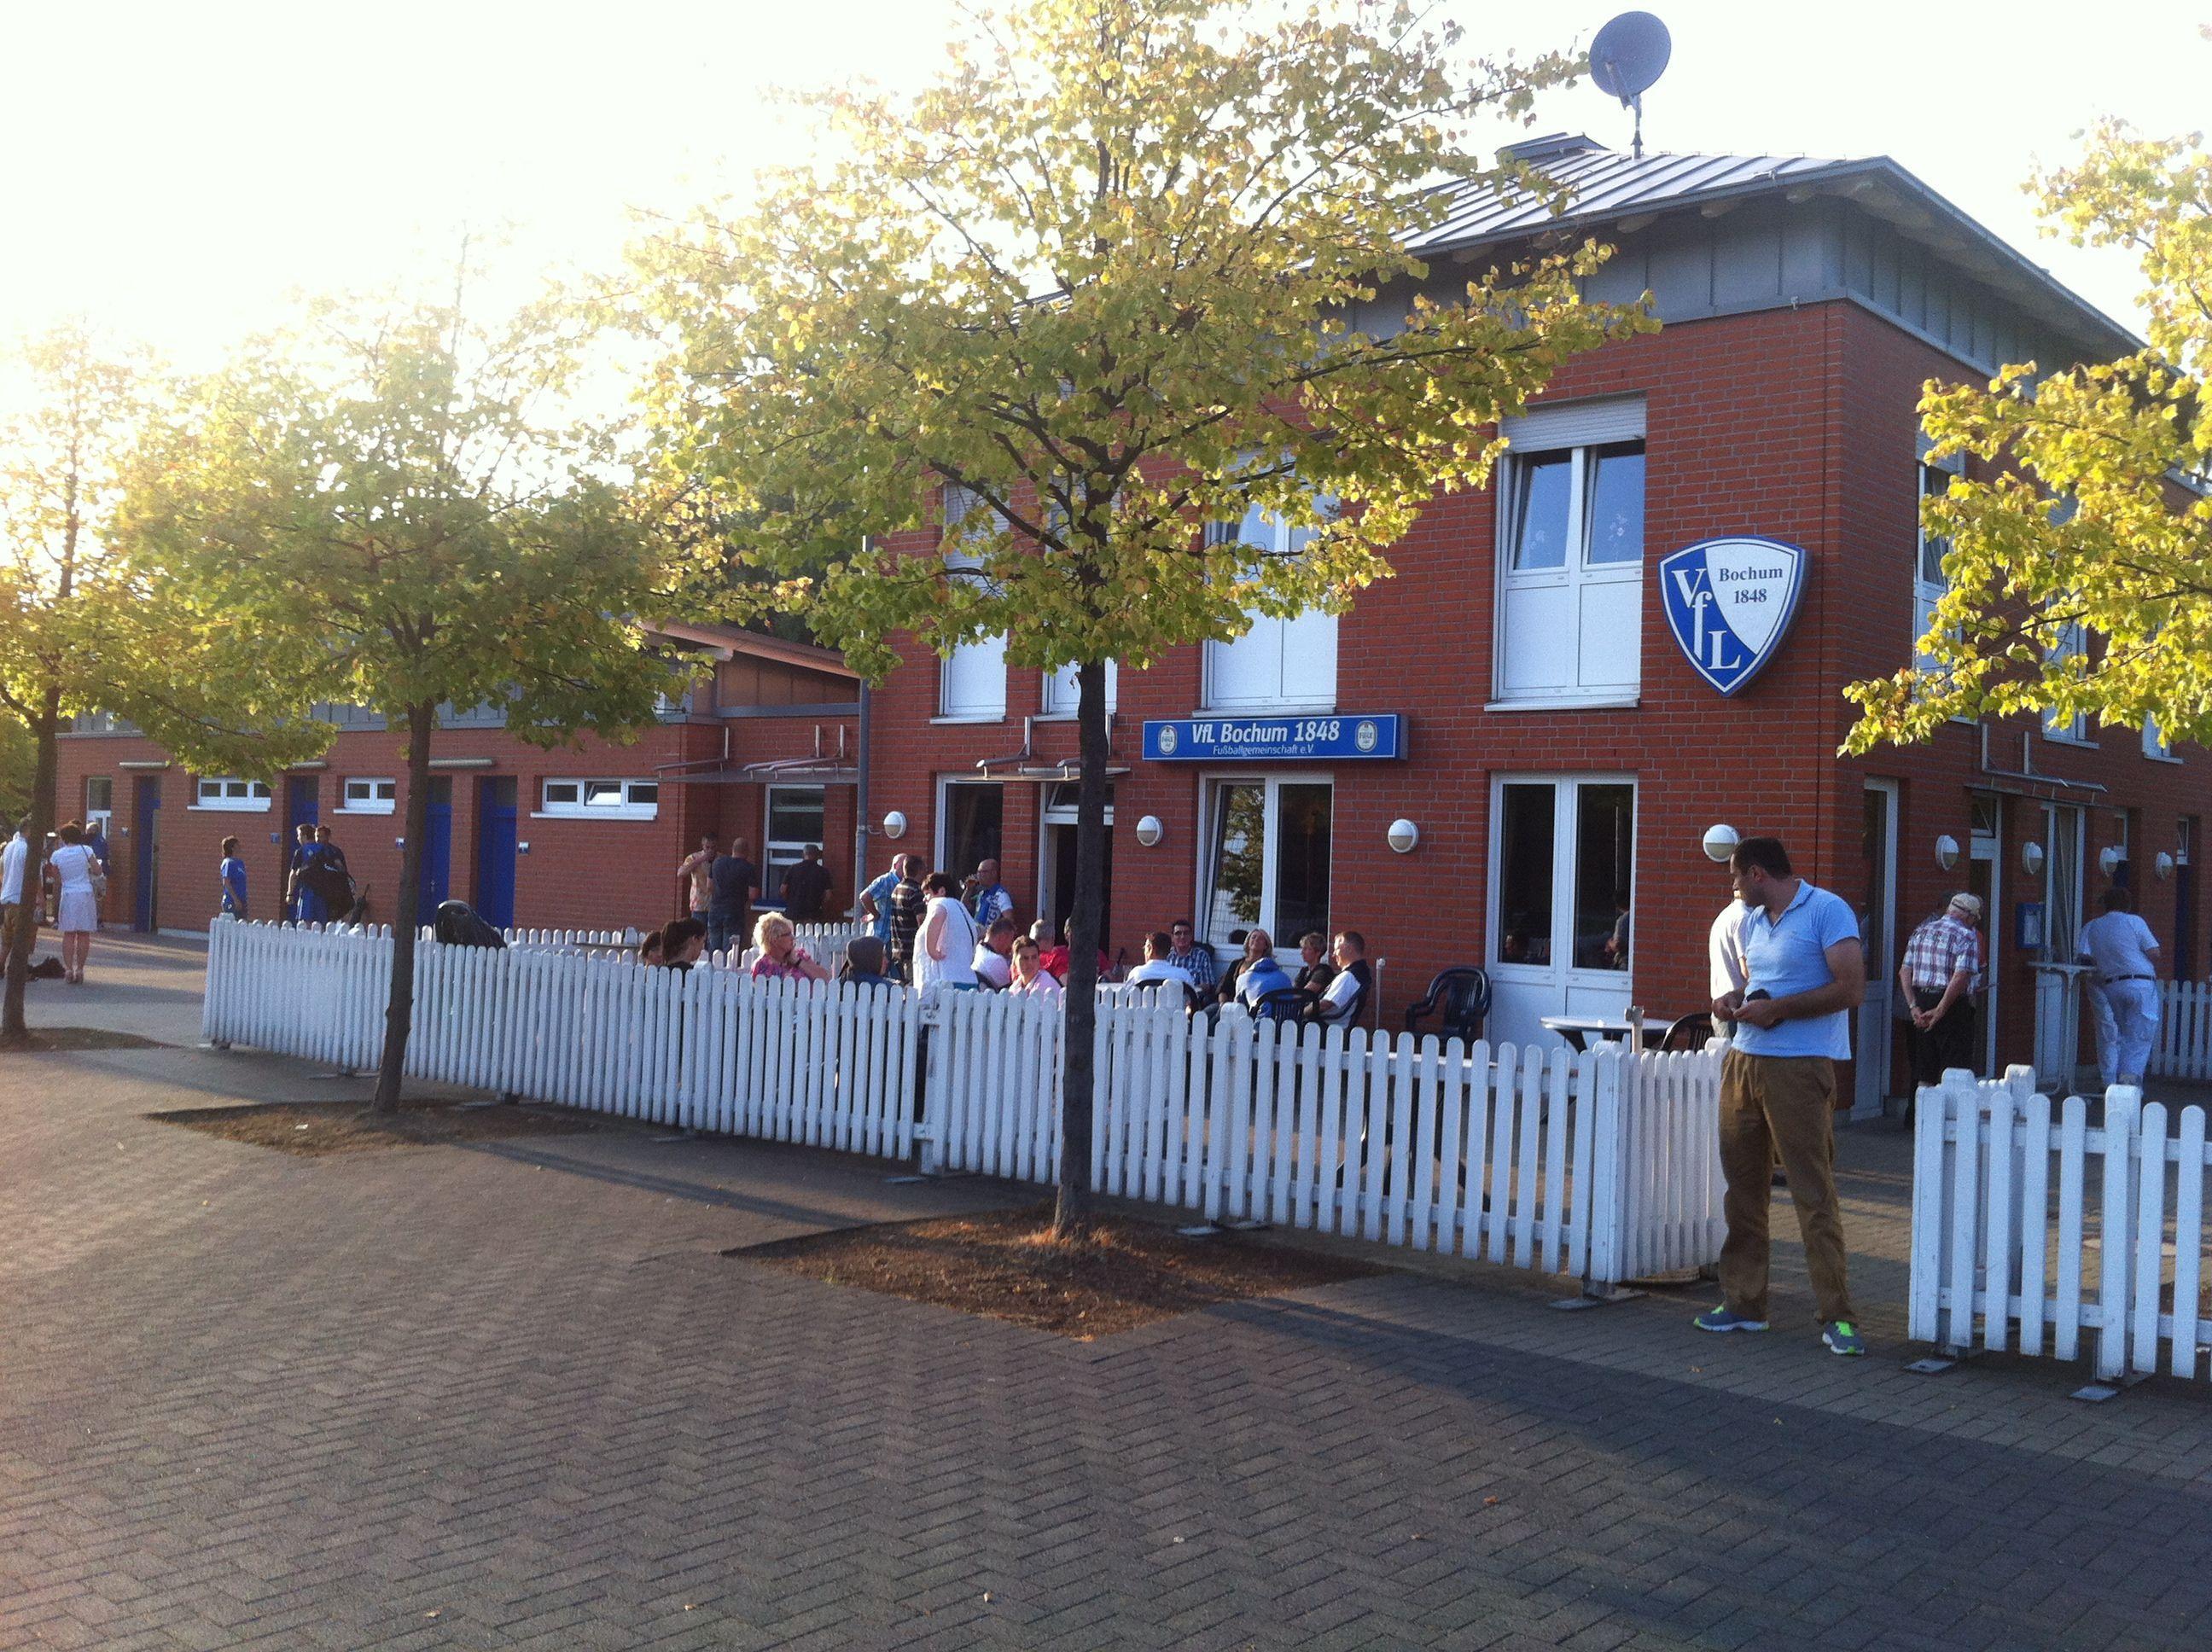 Die vorbildliche Gastronomie in Bochum